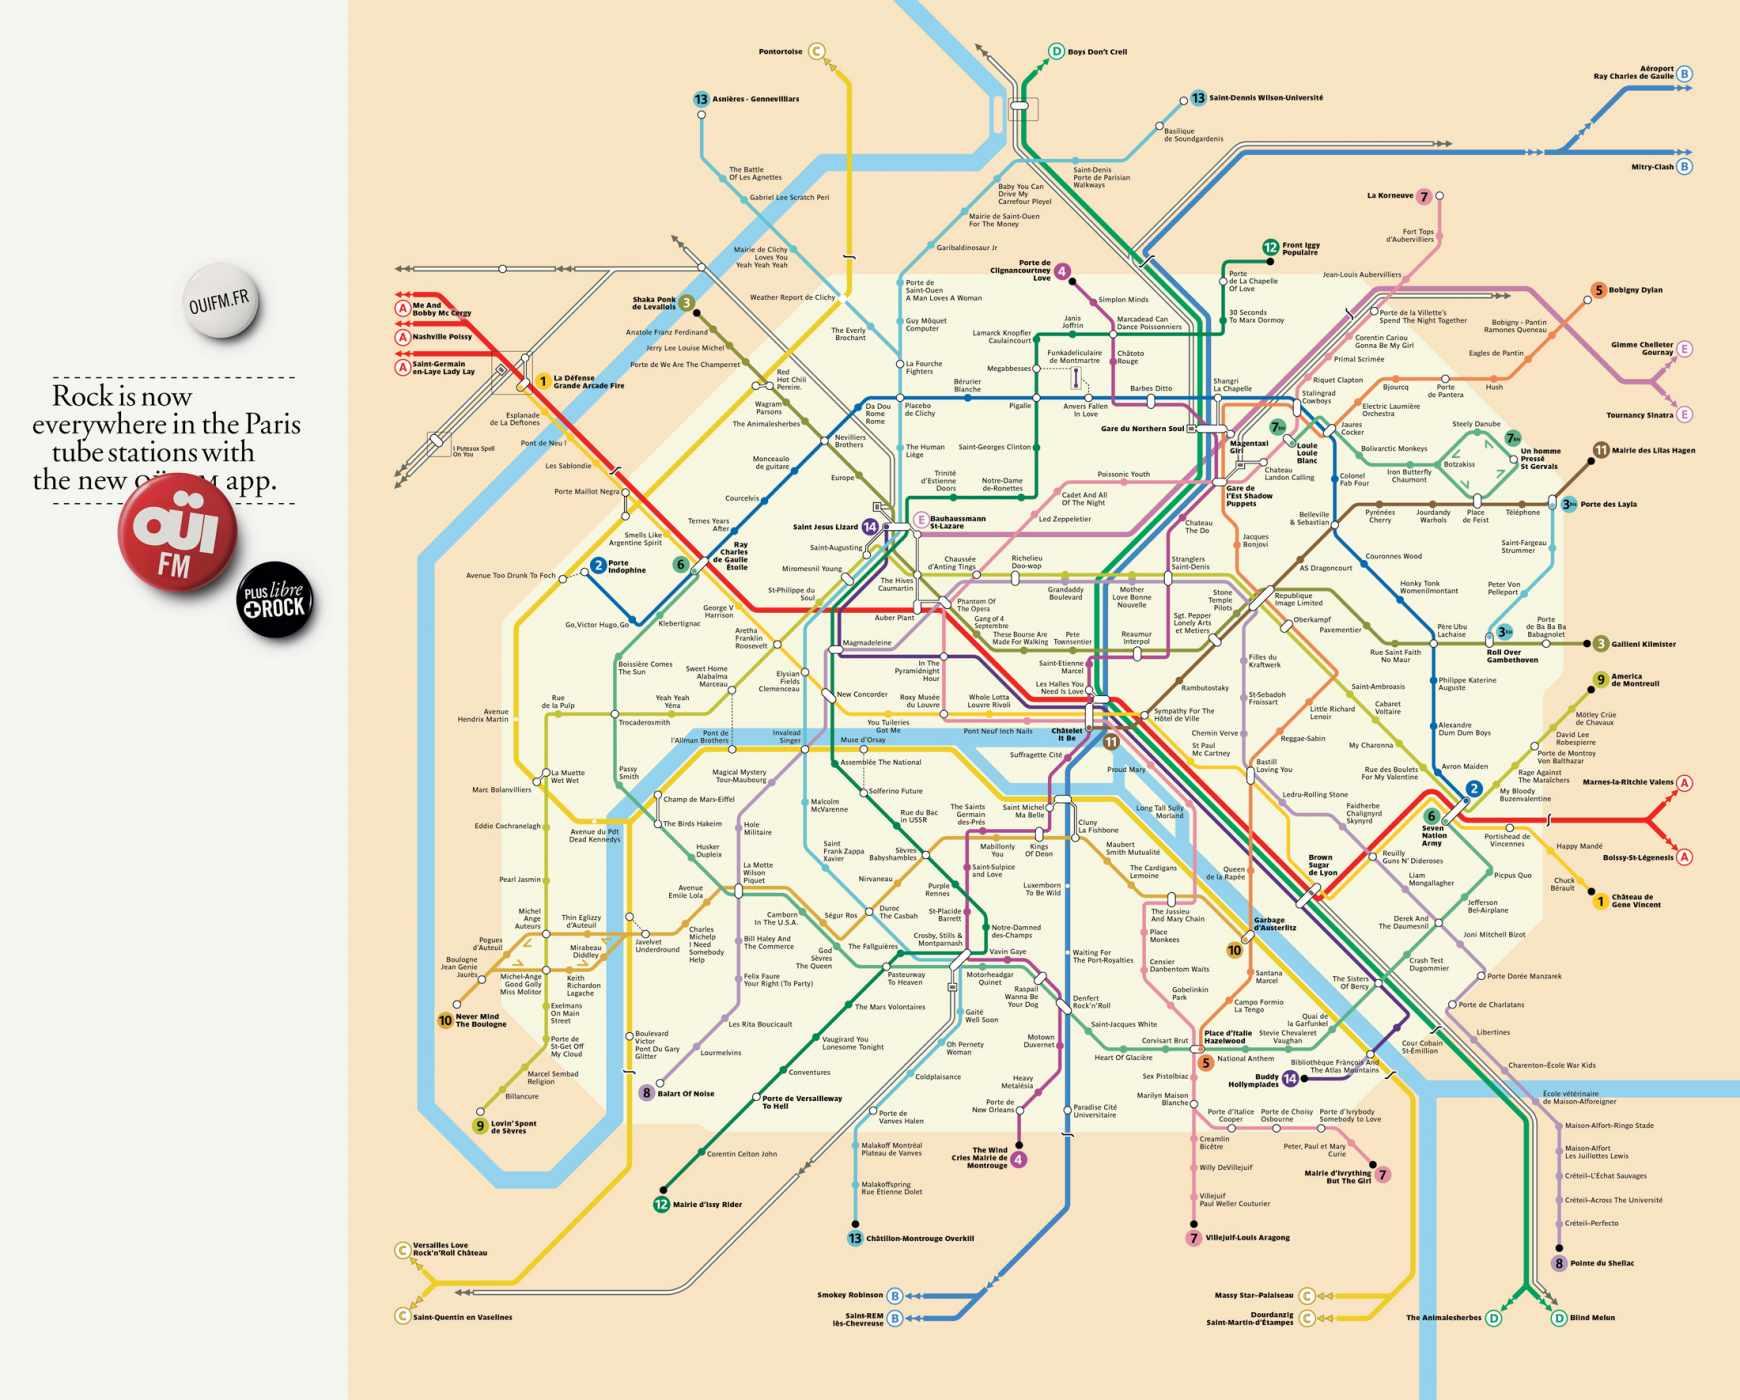 Парижское метро схема интерактивная